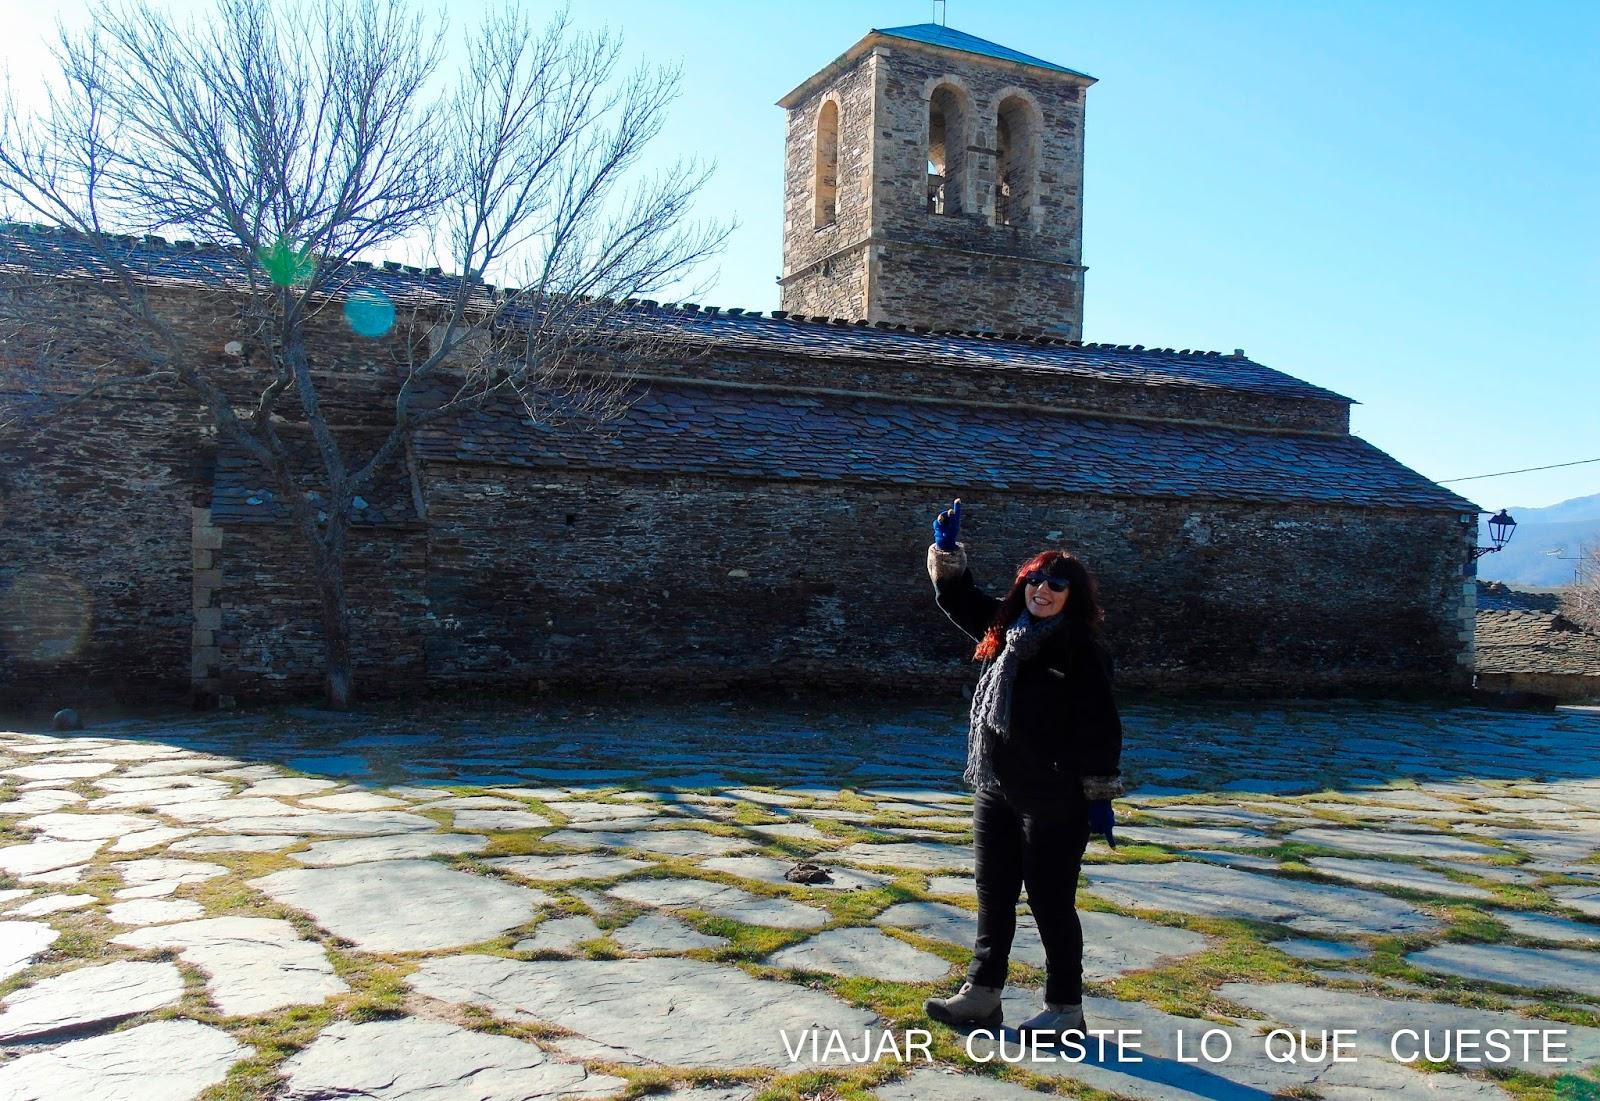 Viajar cueste lo que cueste pueblos de arquitectura - Casas de pueblo en guadalajara ...